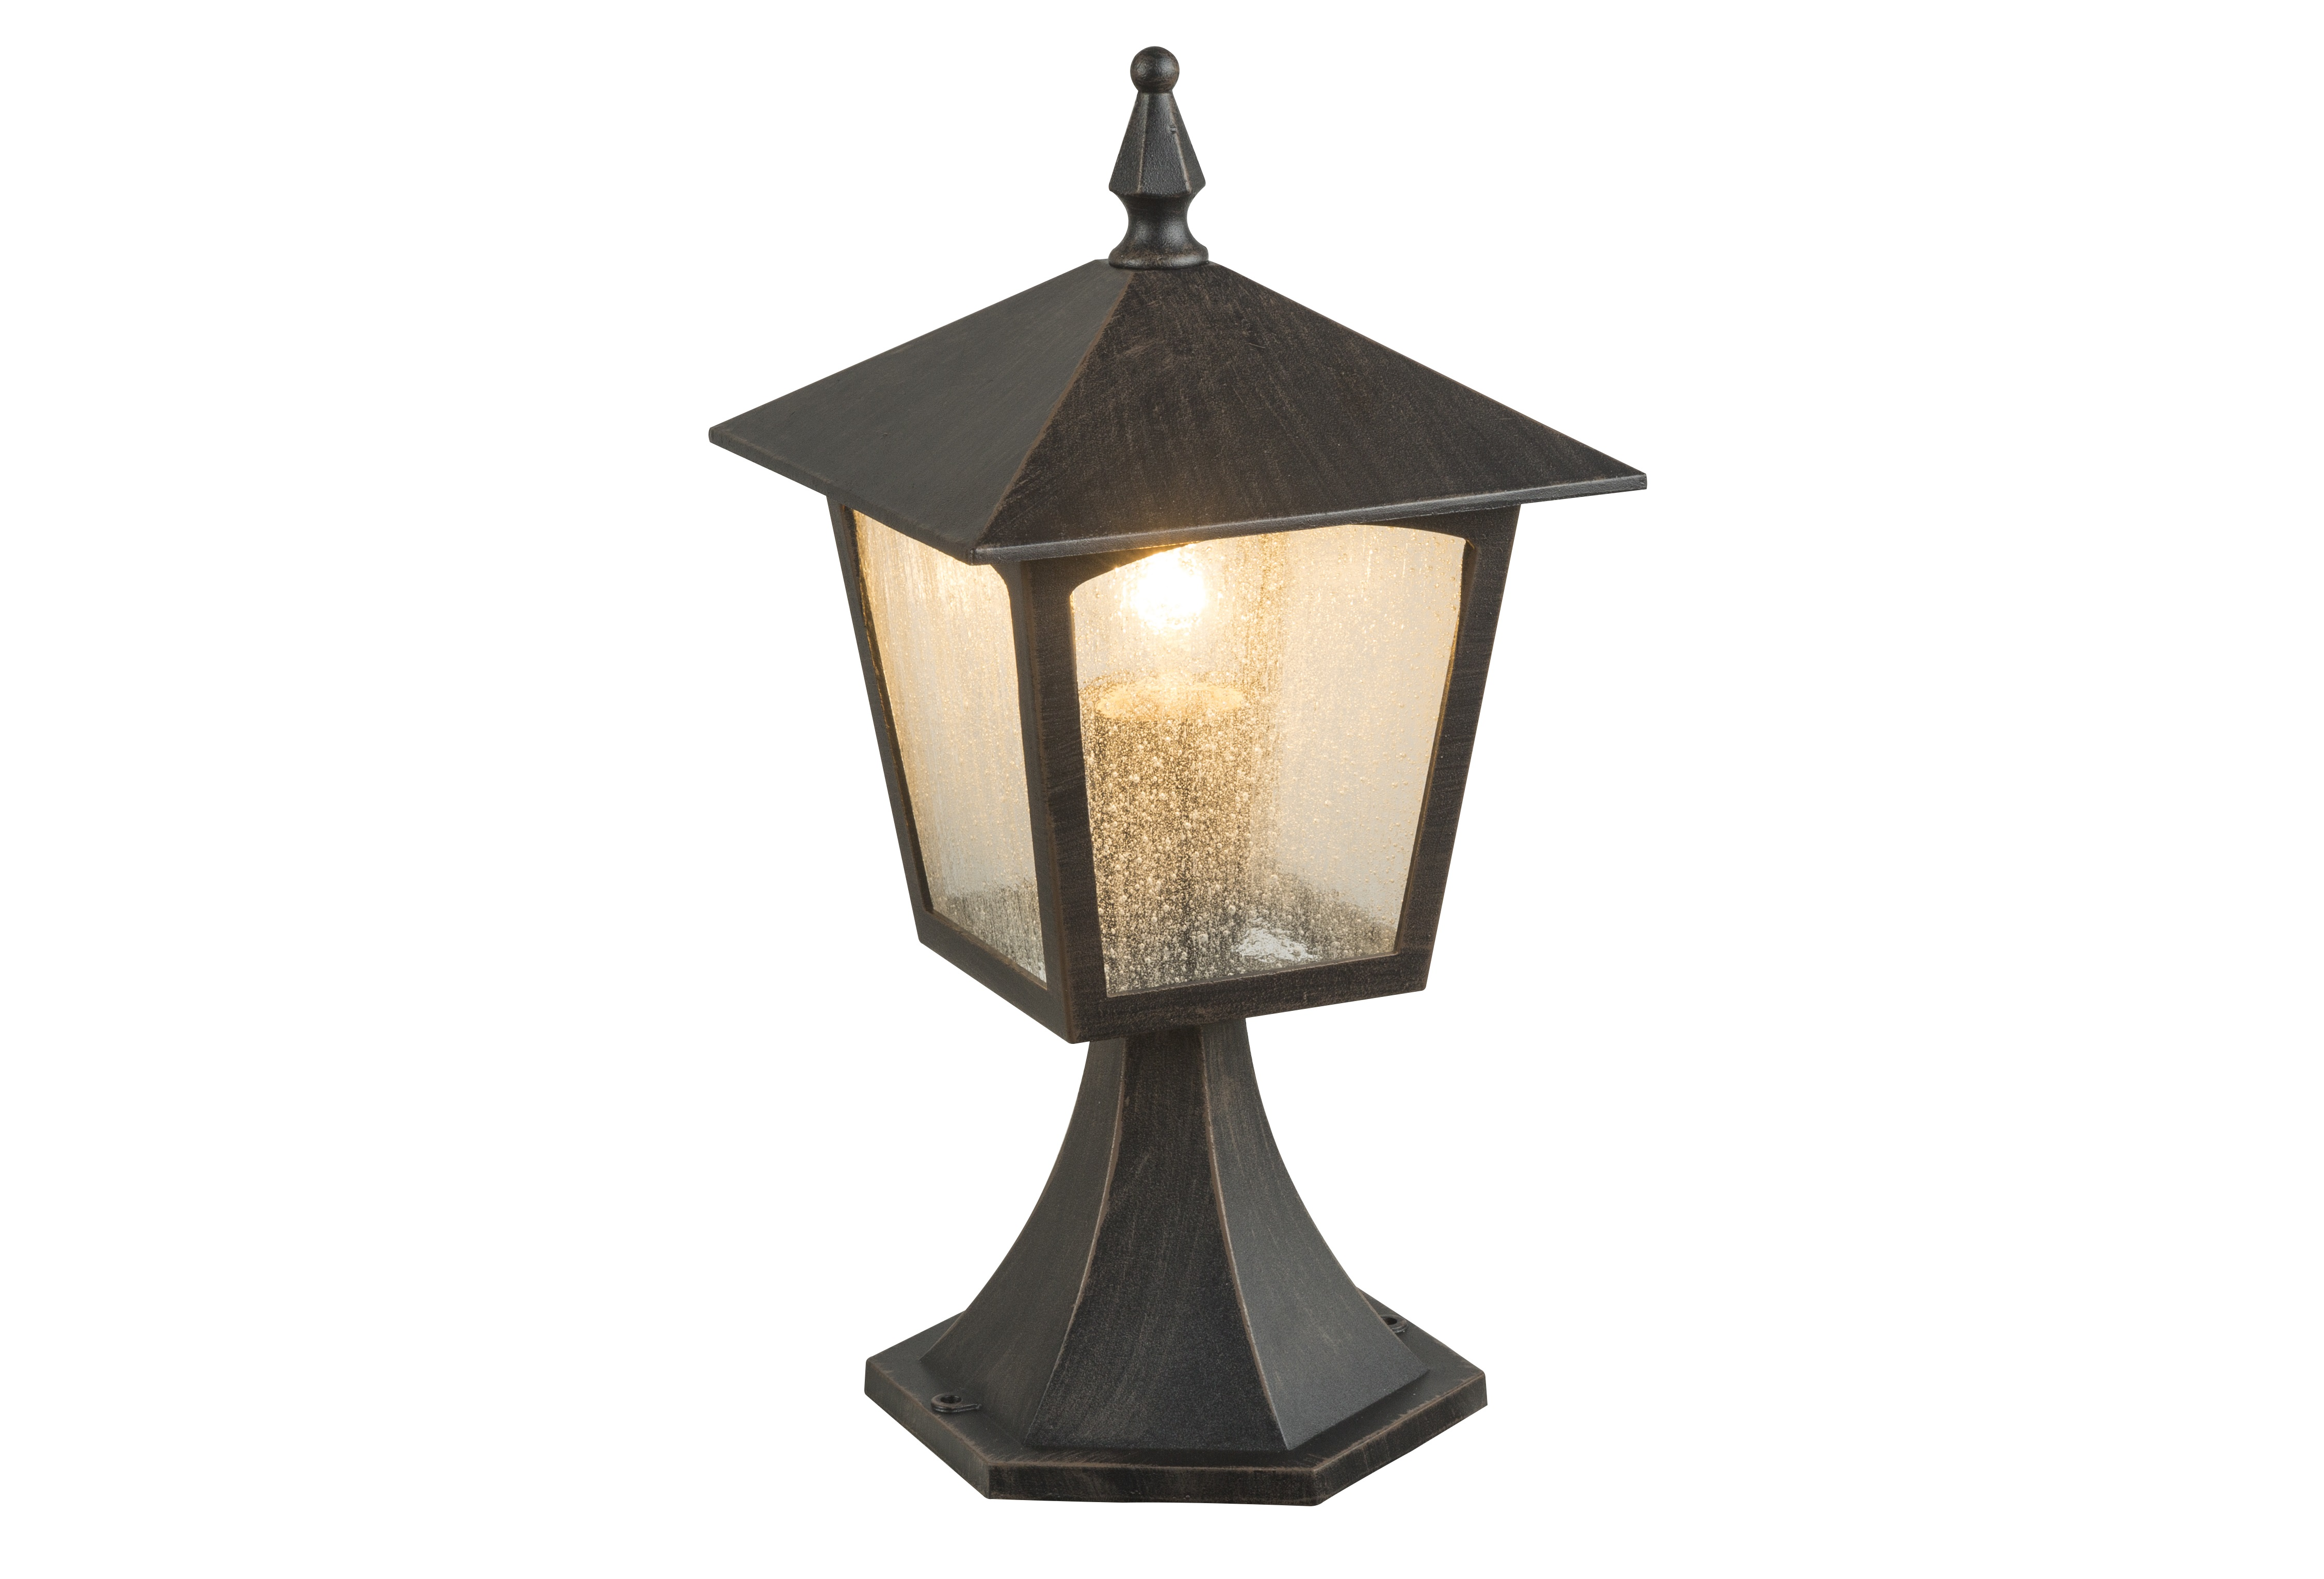 Светильник уличныйУличные наземные светильники<br>Тип цоколя: E27Мощность: 60WКол-во ламп: 1 (нет в комплекте)<br><br>kit: None<br>gender: None